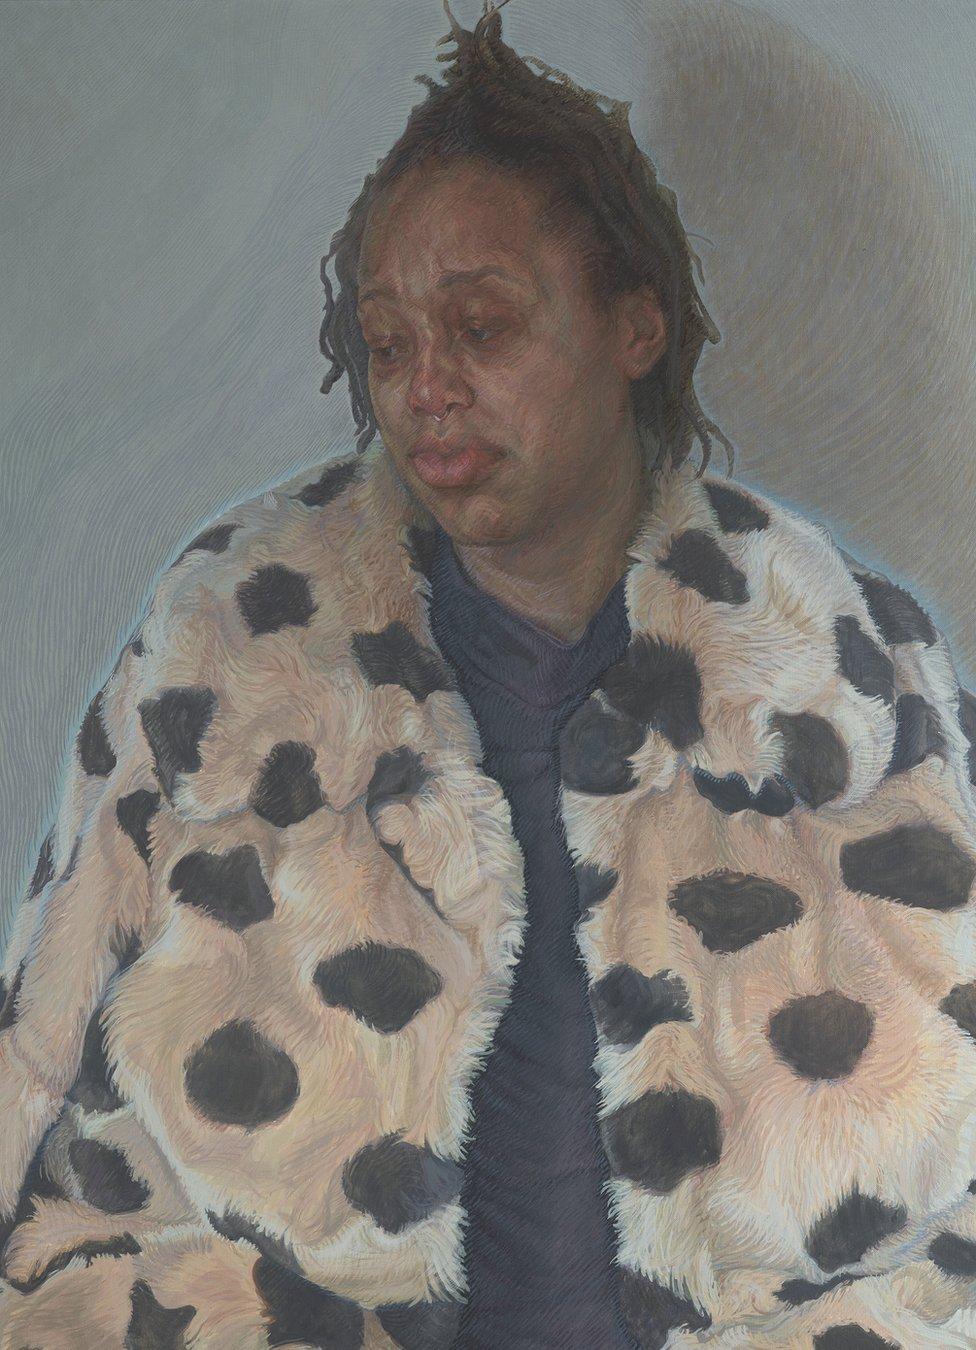 Imara in her Winter Coat